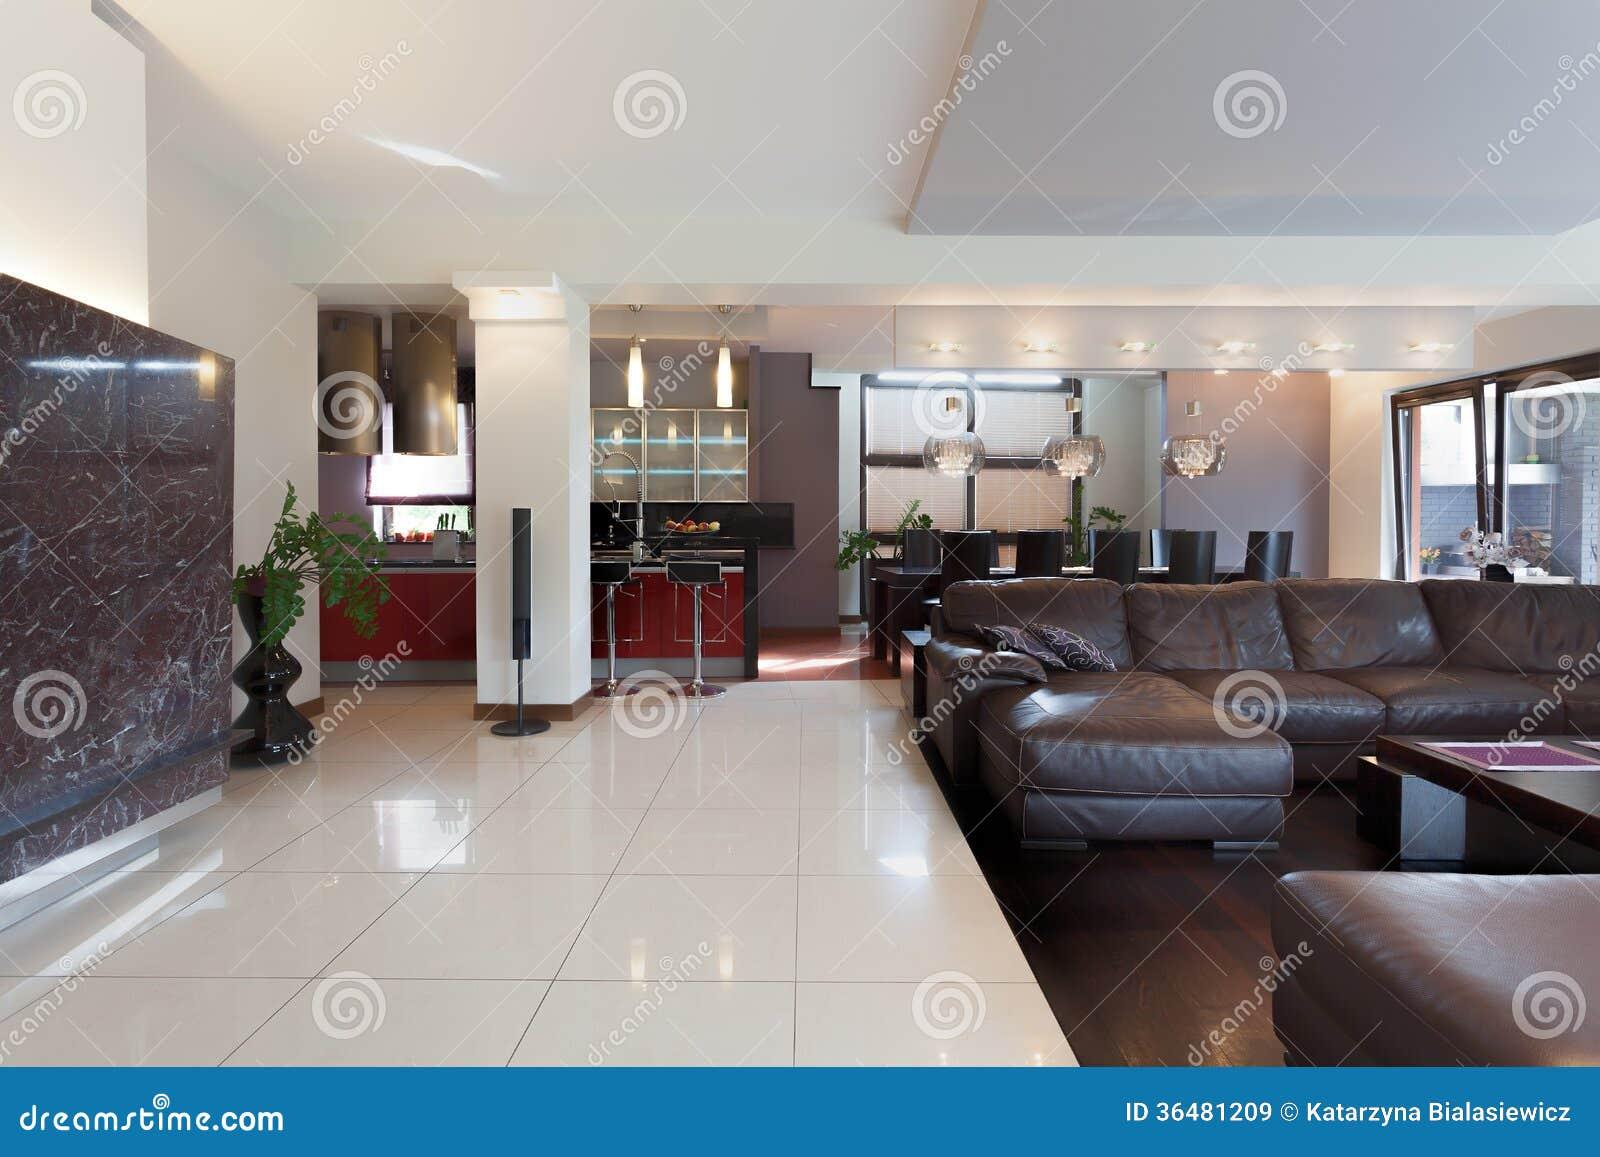 Cucina salone e sala da pranzo immagini stock libere da - Foto sala da pranzo ...